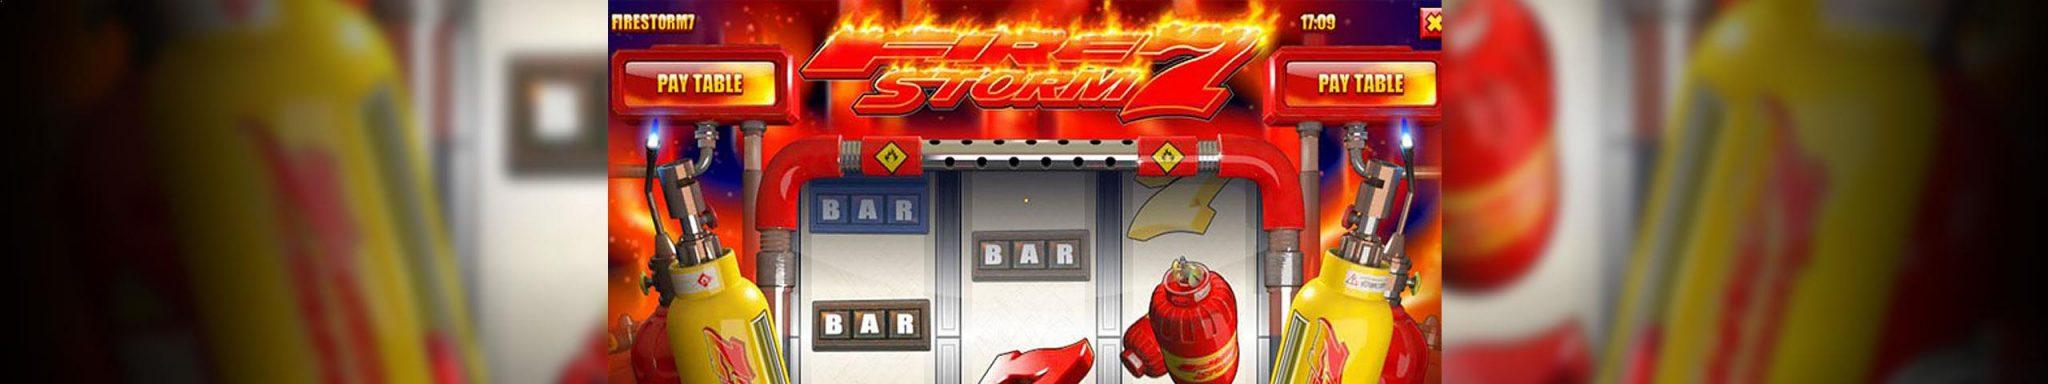 Norske Spilleautomater Firestorm 7 Rival Slider - Himmelspill.com